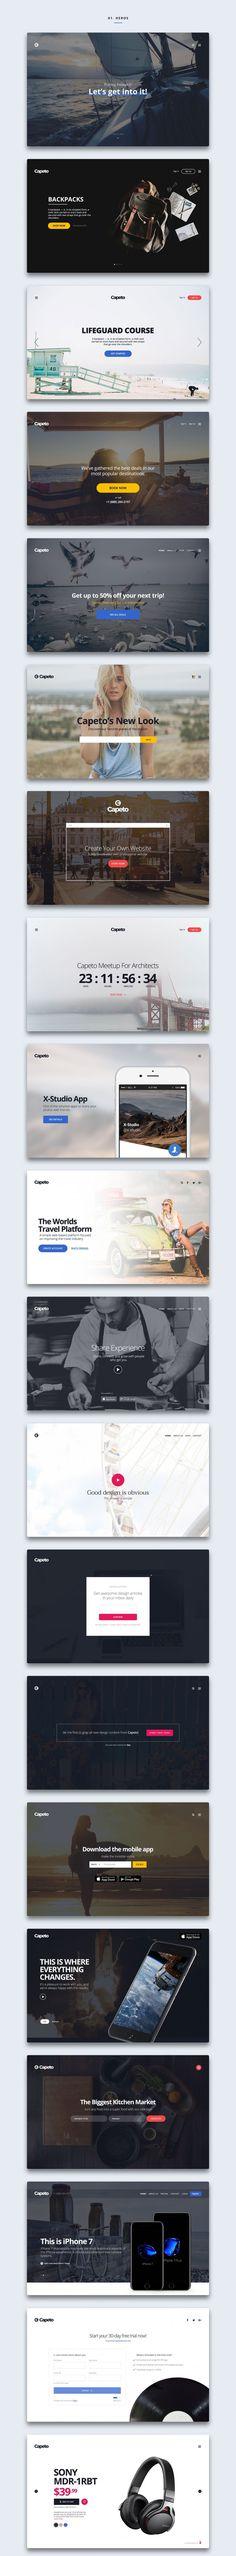 Capeto UI Web Kit